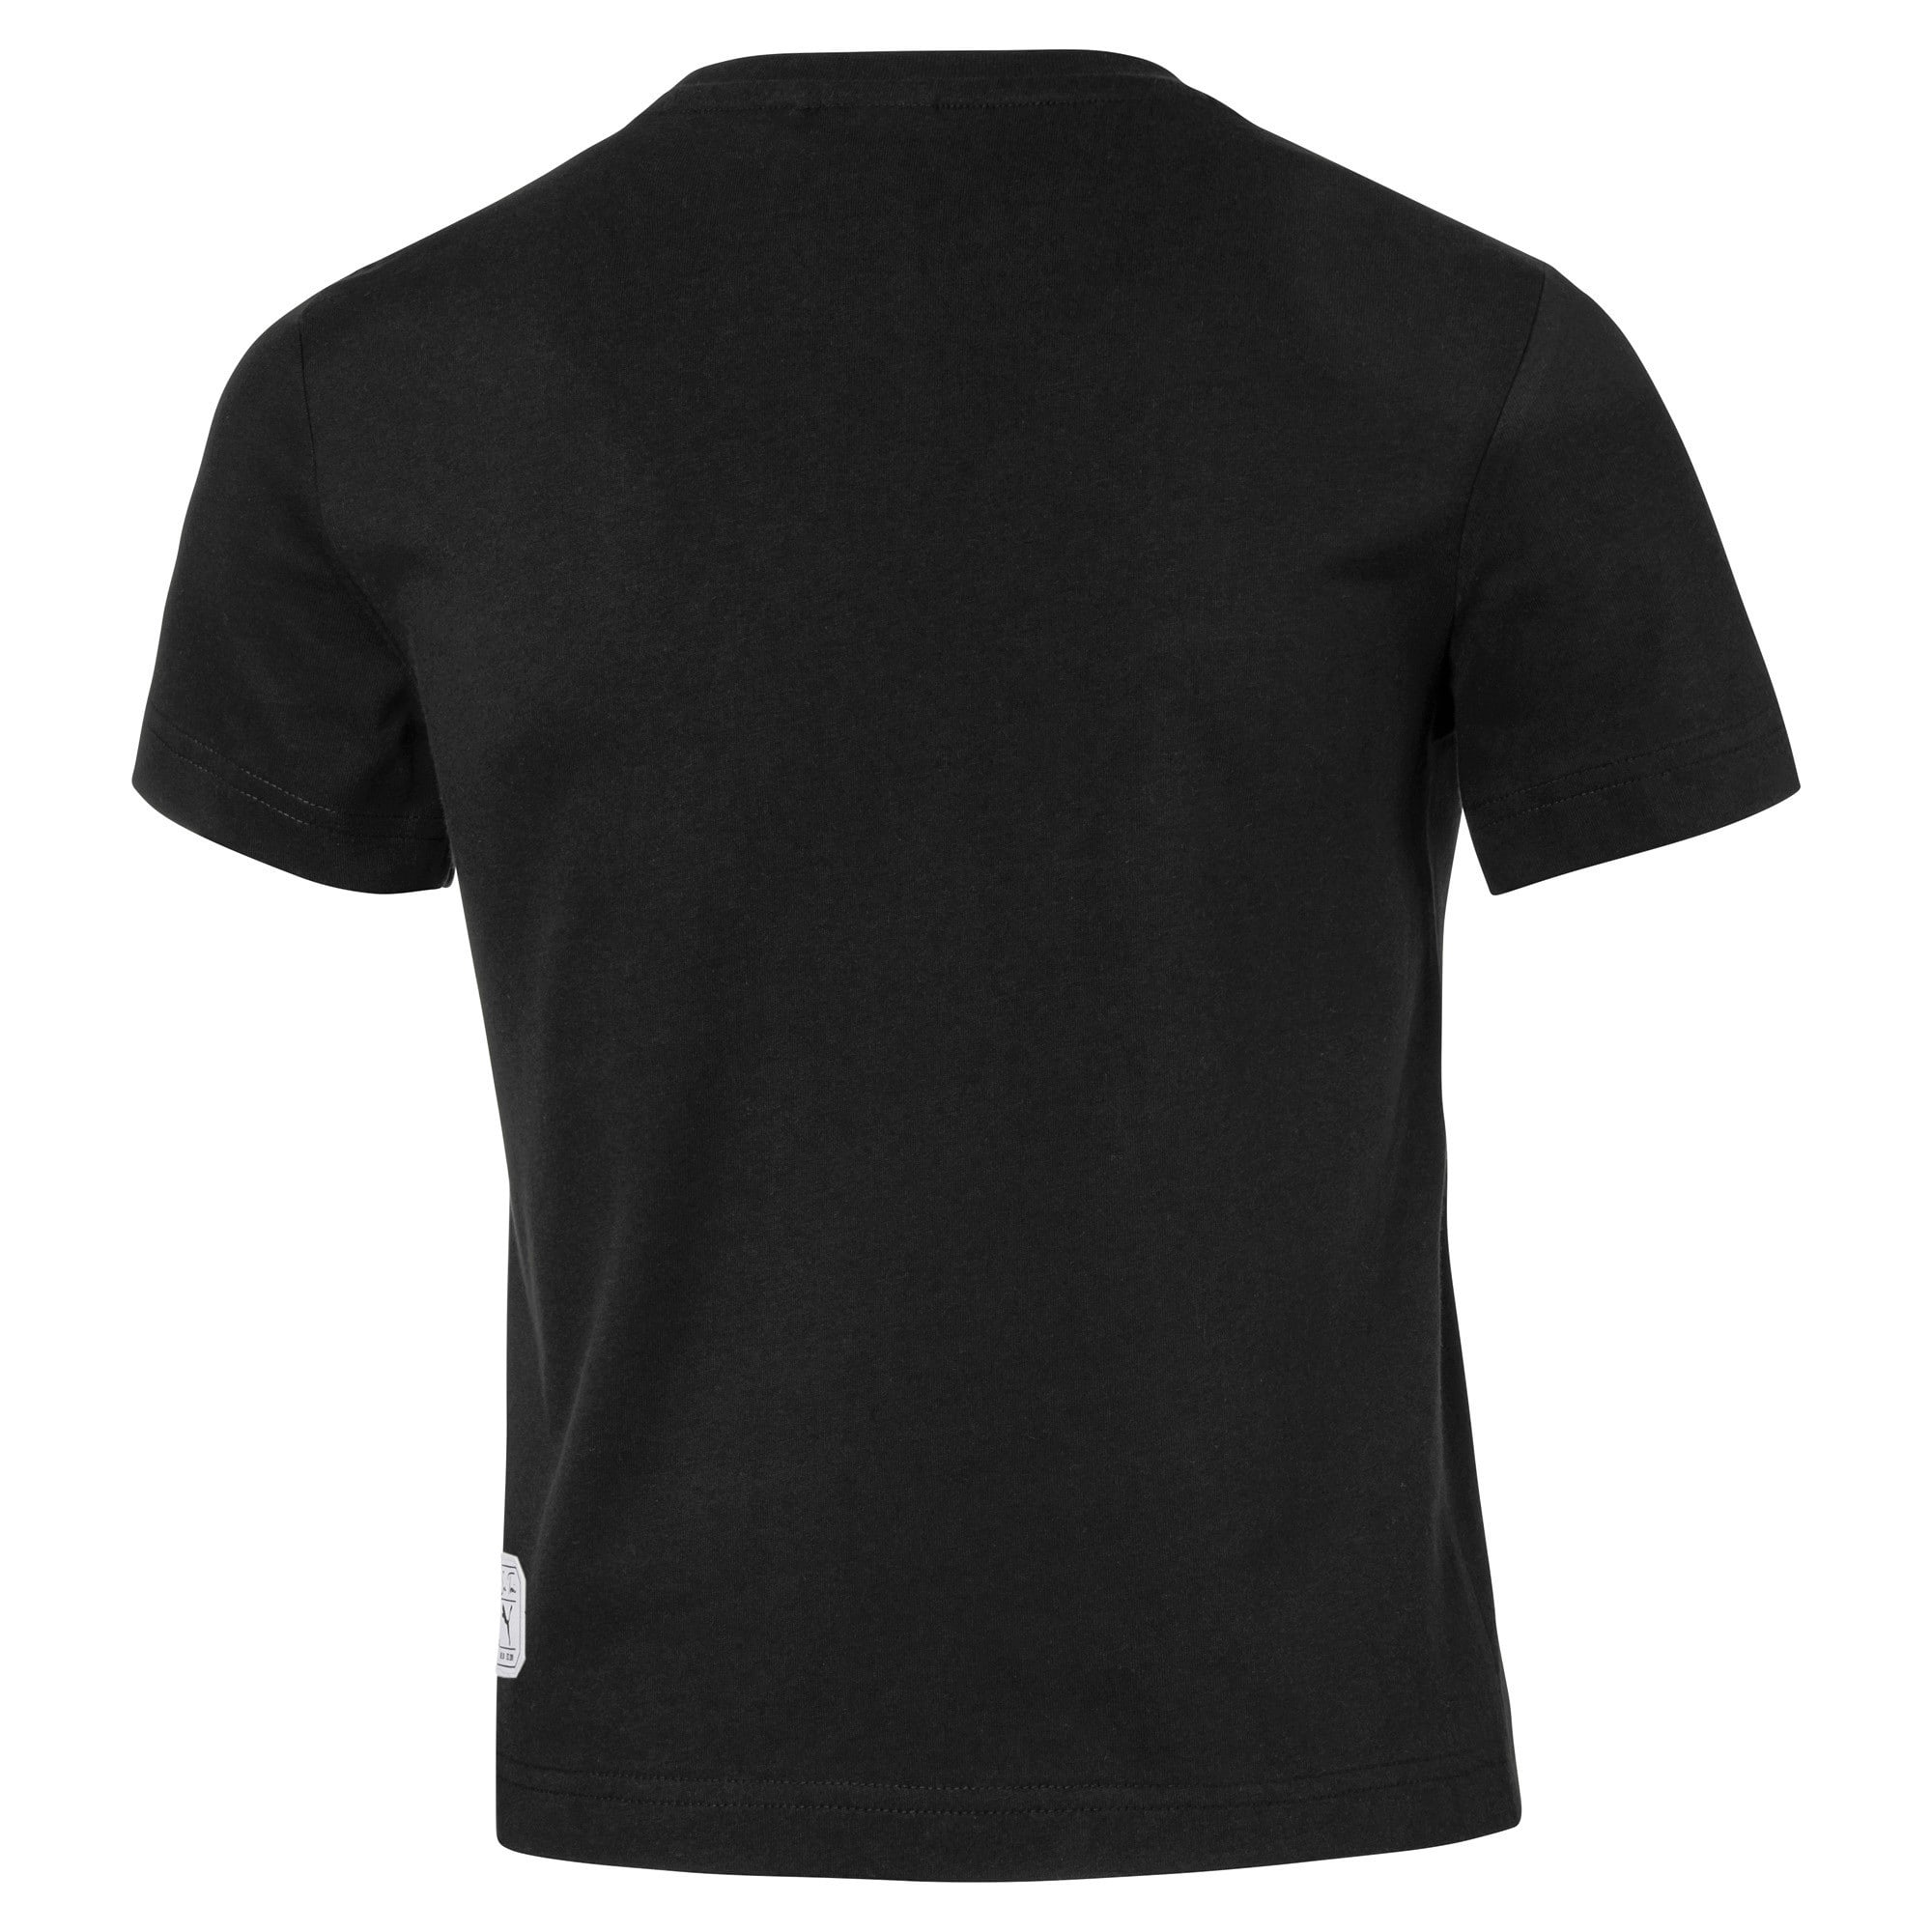 Thumbnail 2 of T-Shirt court PUMA x SUE TSAI pour femme, Puma Black, medium